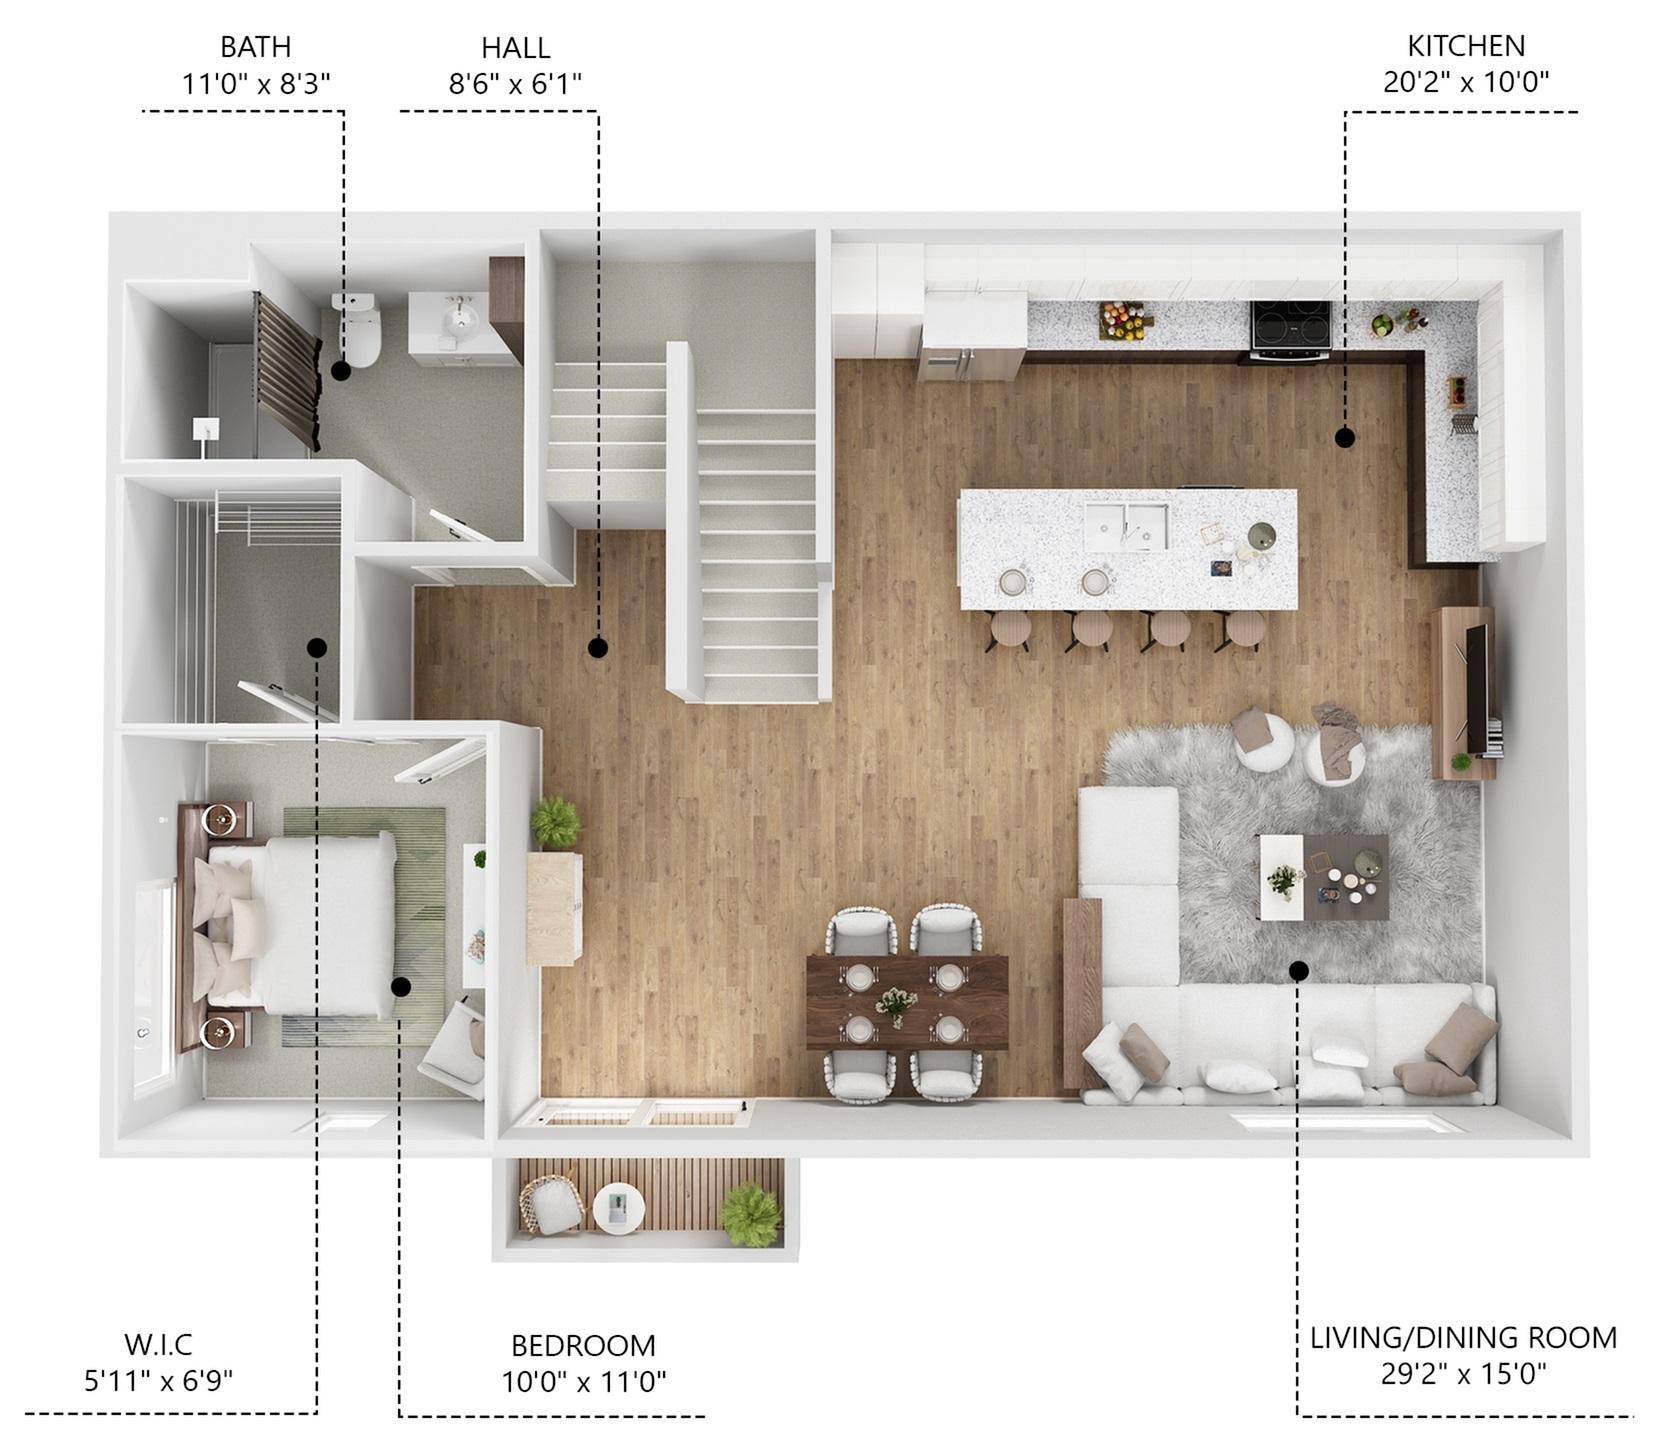 E1 - 2nd Floor